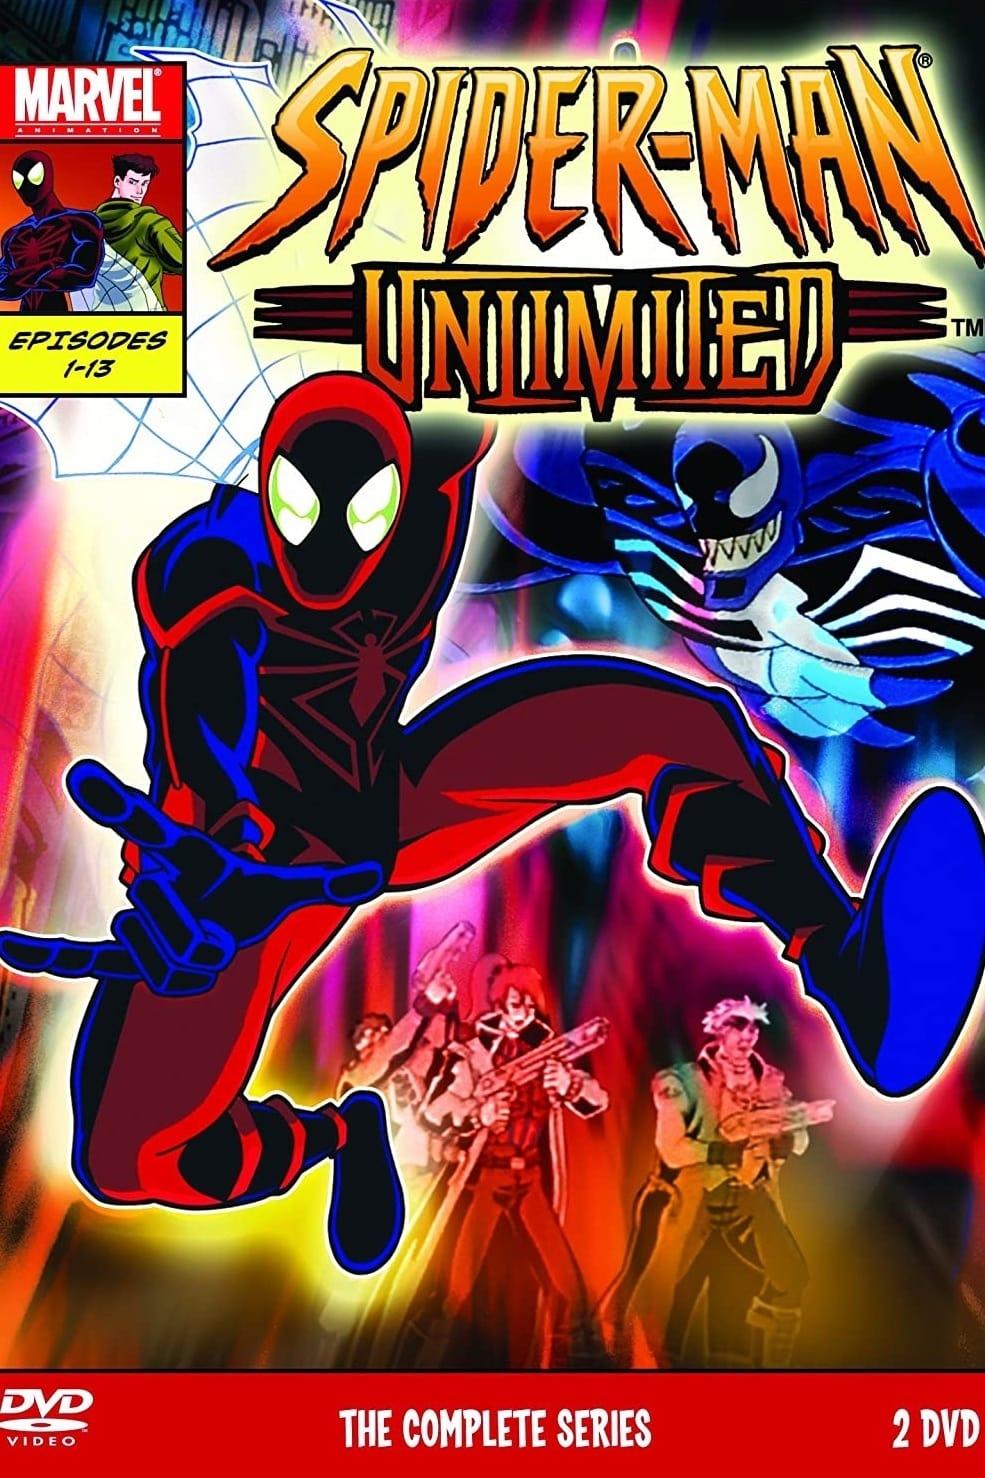 Spider-Man Unlimited (1999)